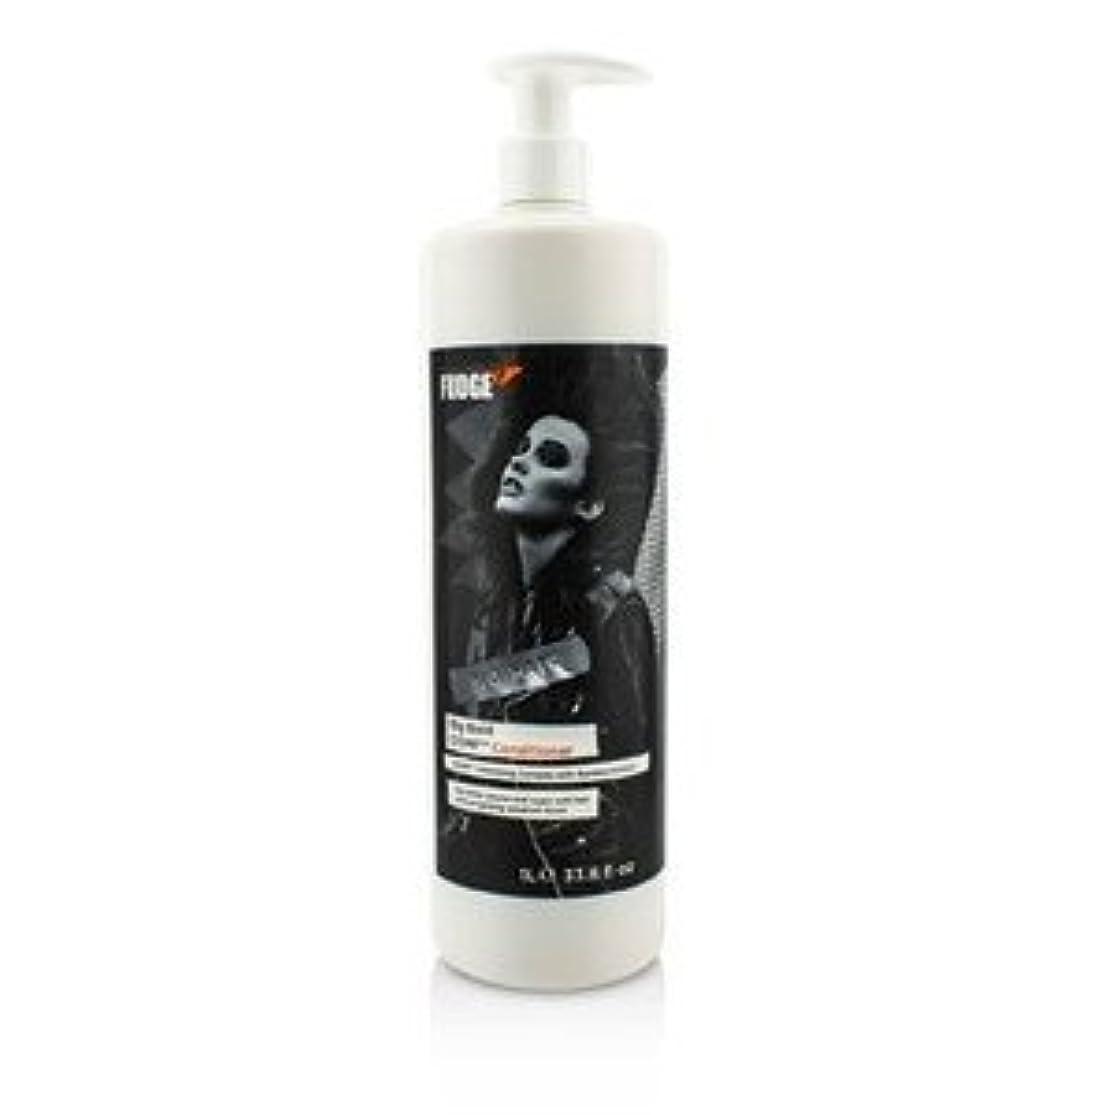 行く好きスパイラルFudge ビッグ ボールド OOMF コンディショナー(For Fine Hair) 1000ml/33.8oz [並行輸入品]